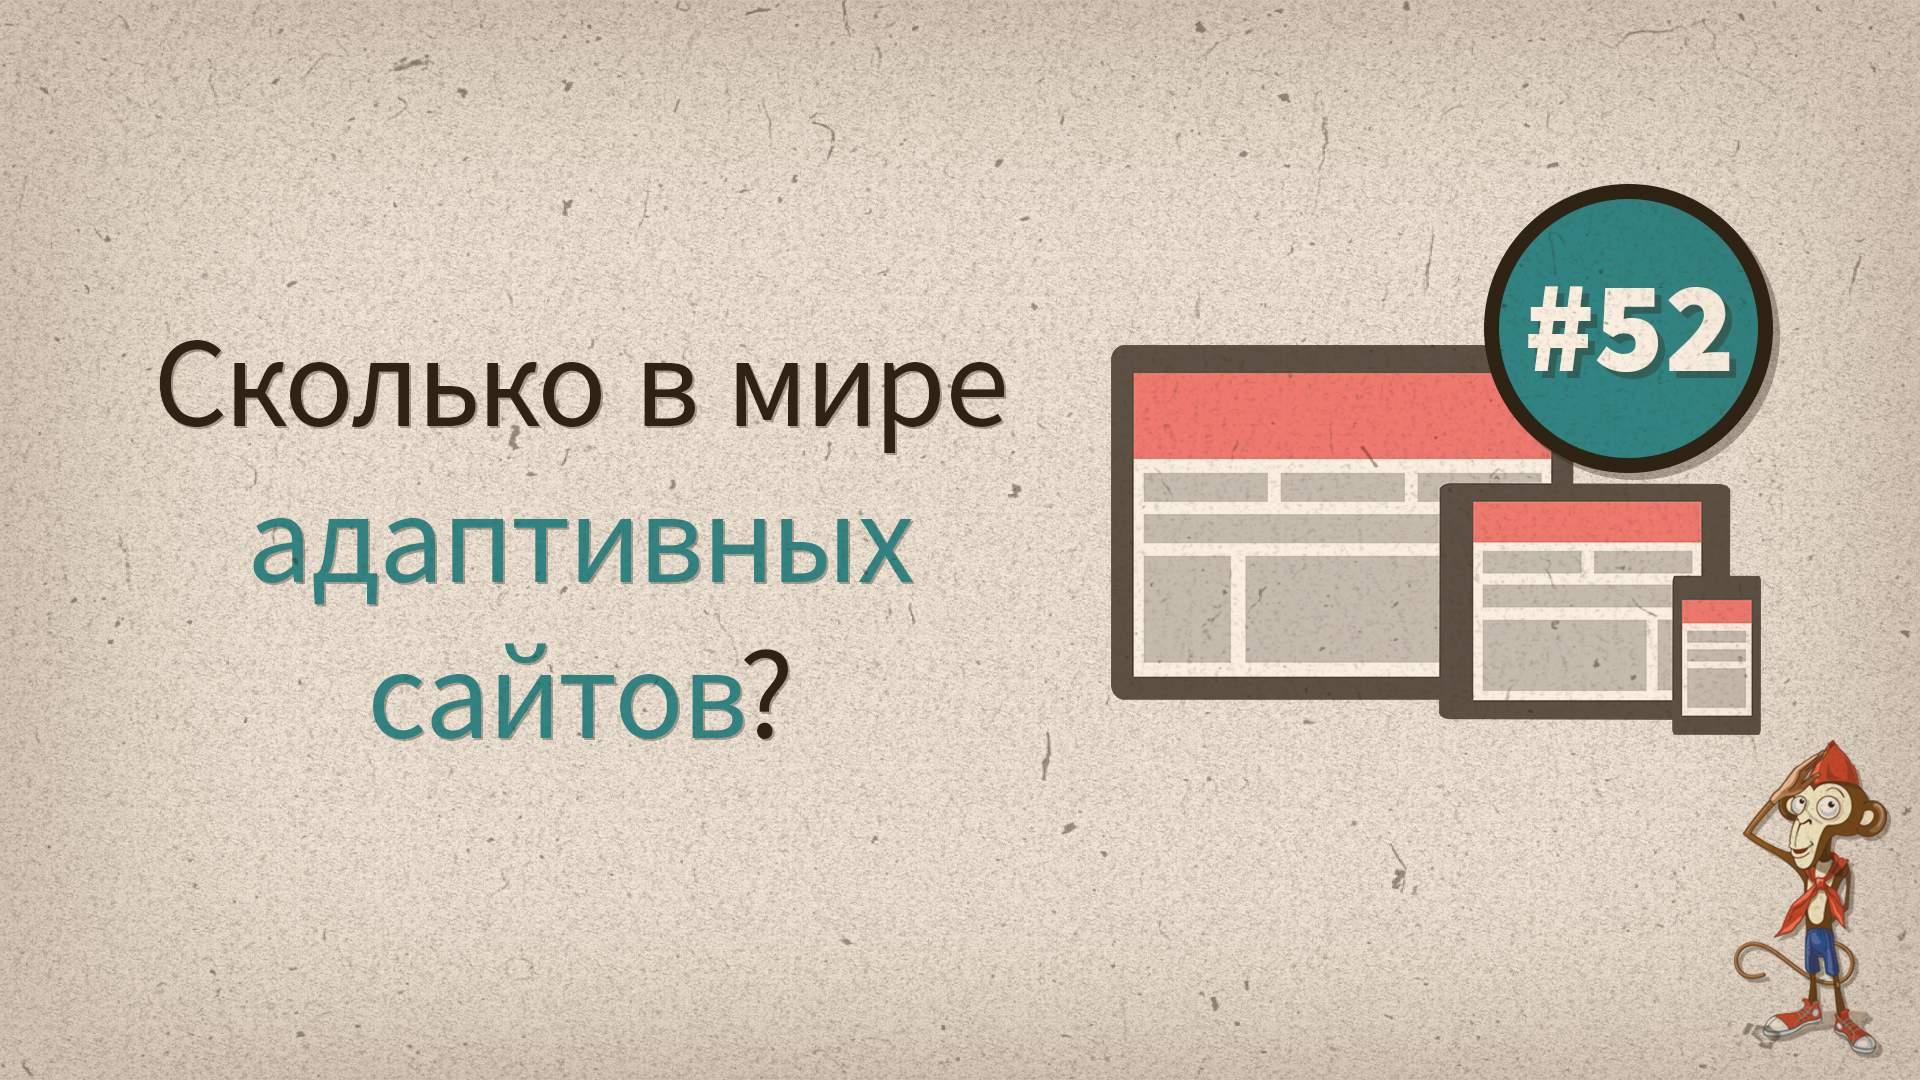 Сколько в мире адаптивных сайтов?